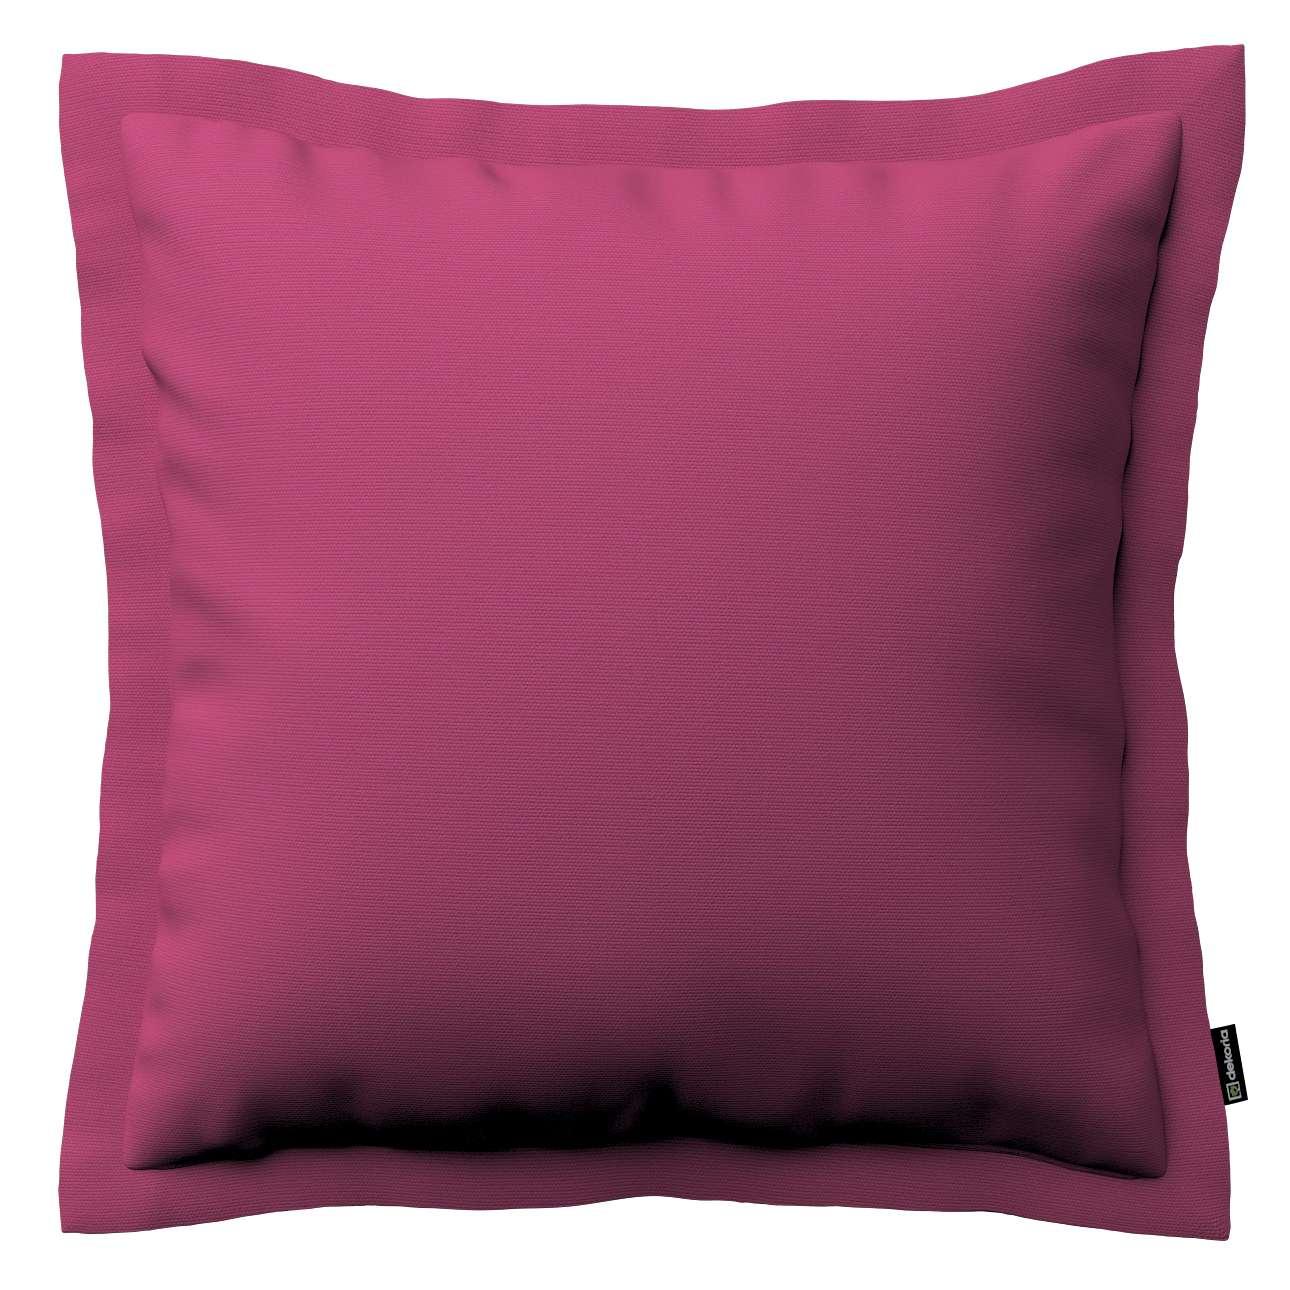 Mona dekoratyvinių pagalvėlių užvalkalas su sienele 38 x 38 cm kolekcijoje Cotton Panama, audinys: 702-32